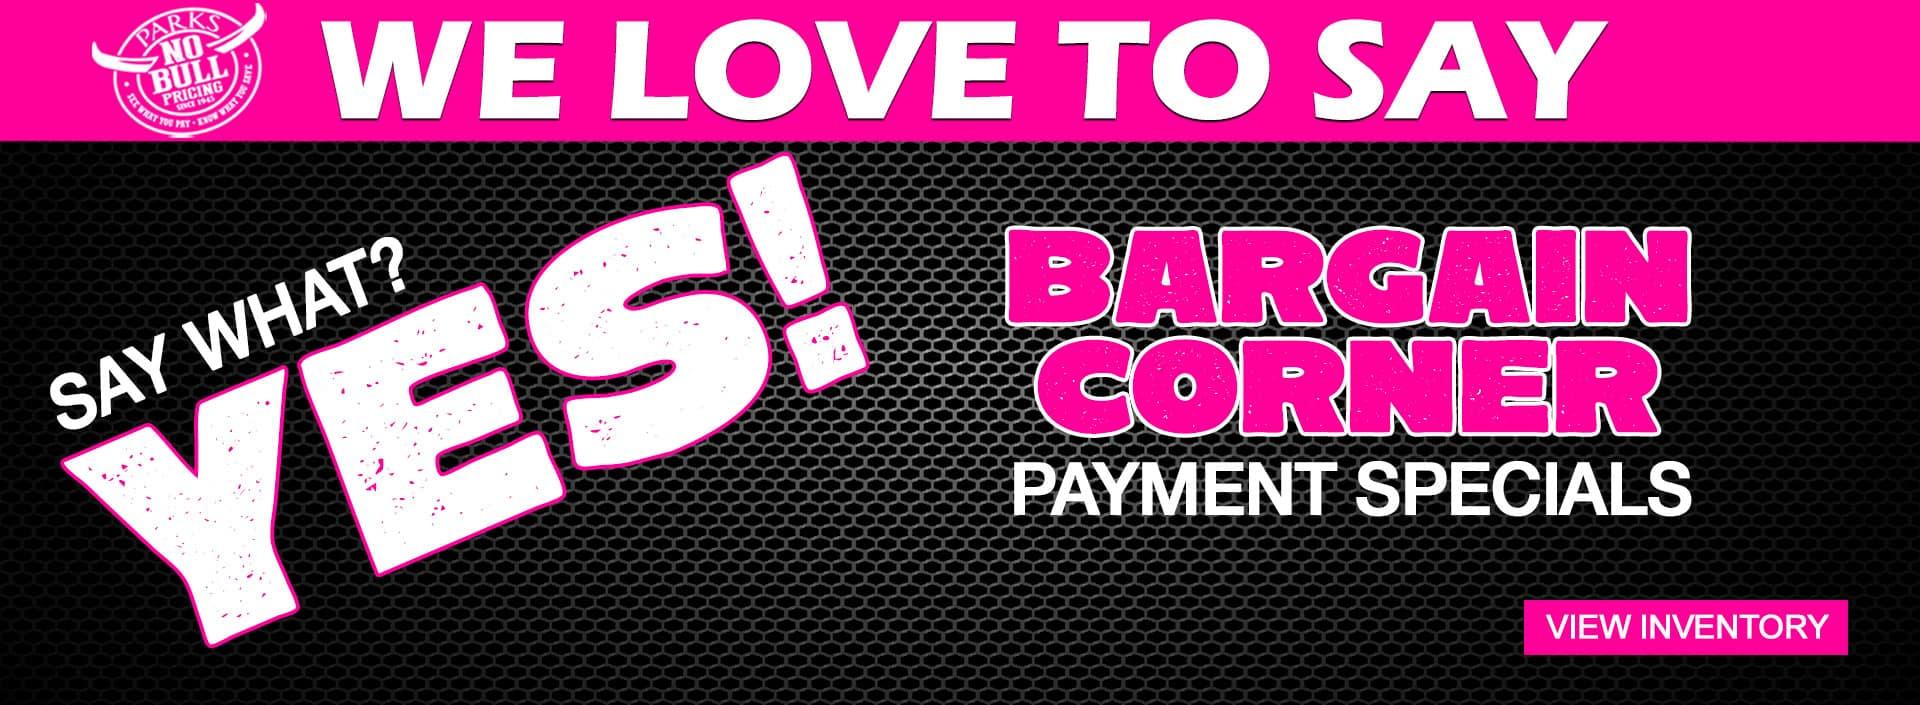 PARKS-APRIL-bargain-corner